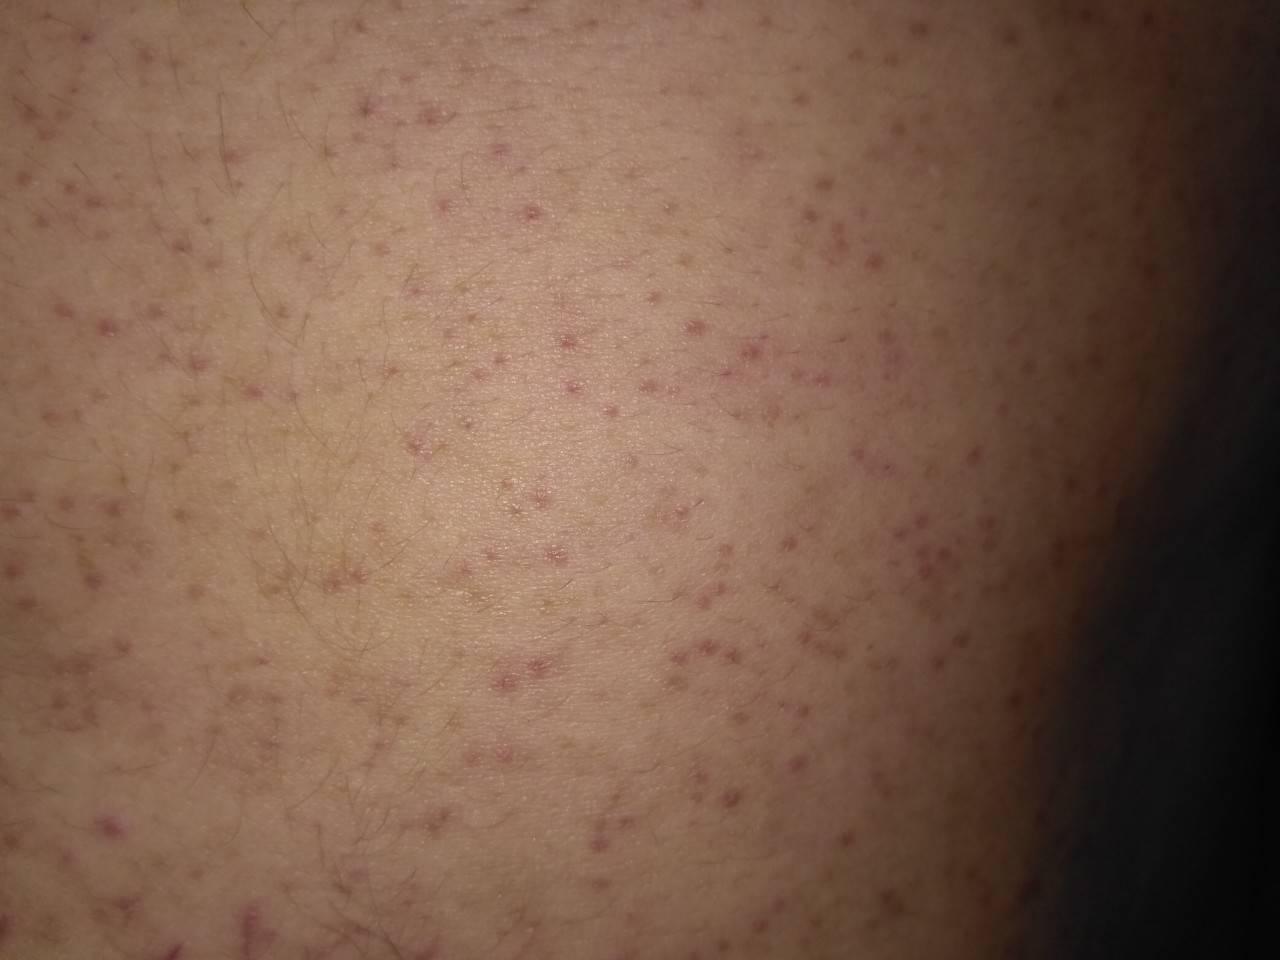 Сыпь на спине у ребенка (20 фото): причины красных высыпаний - пояснения